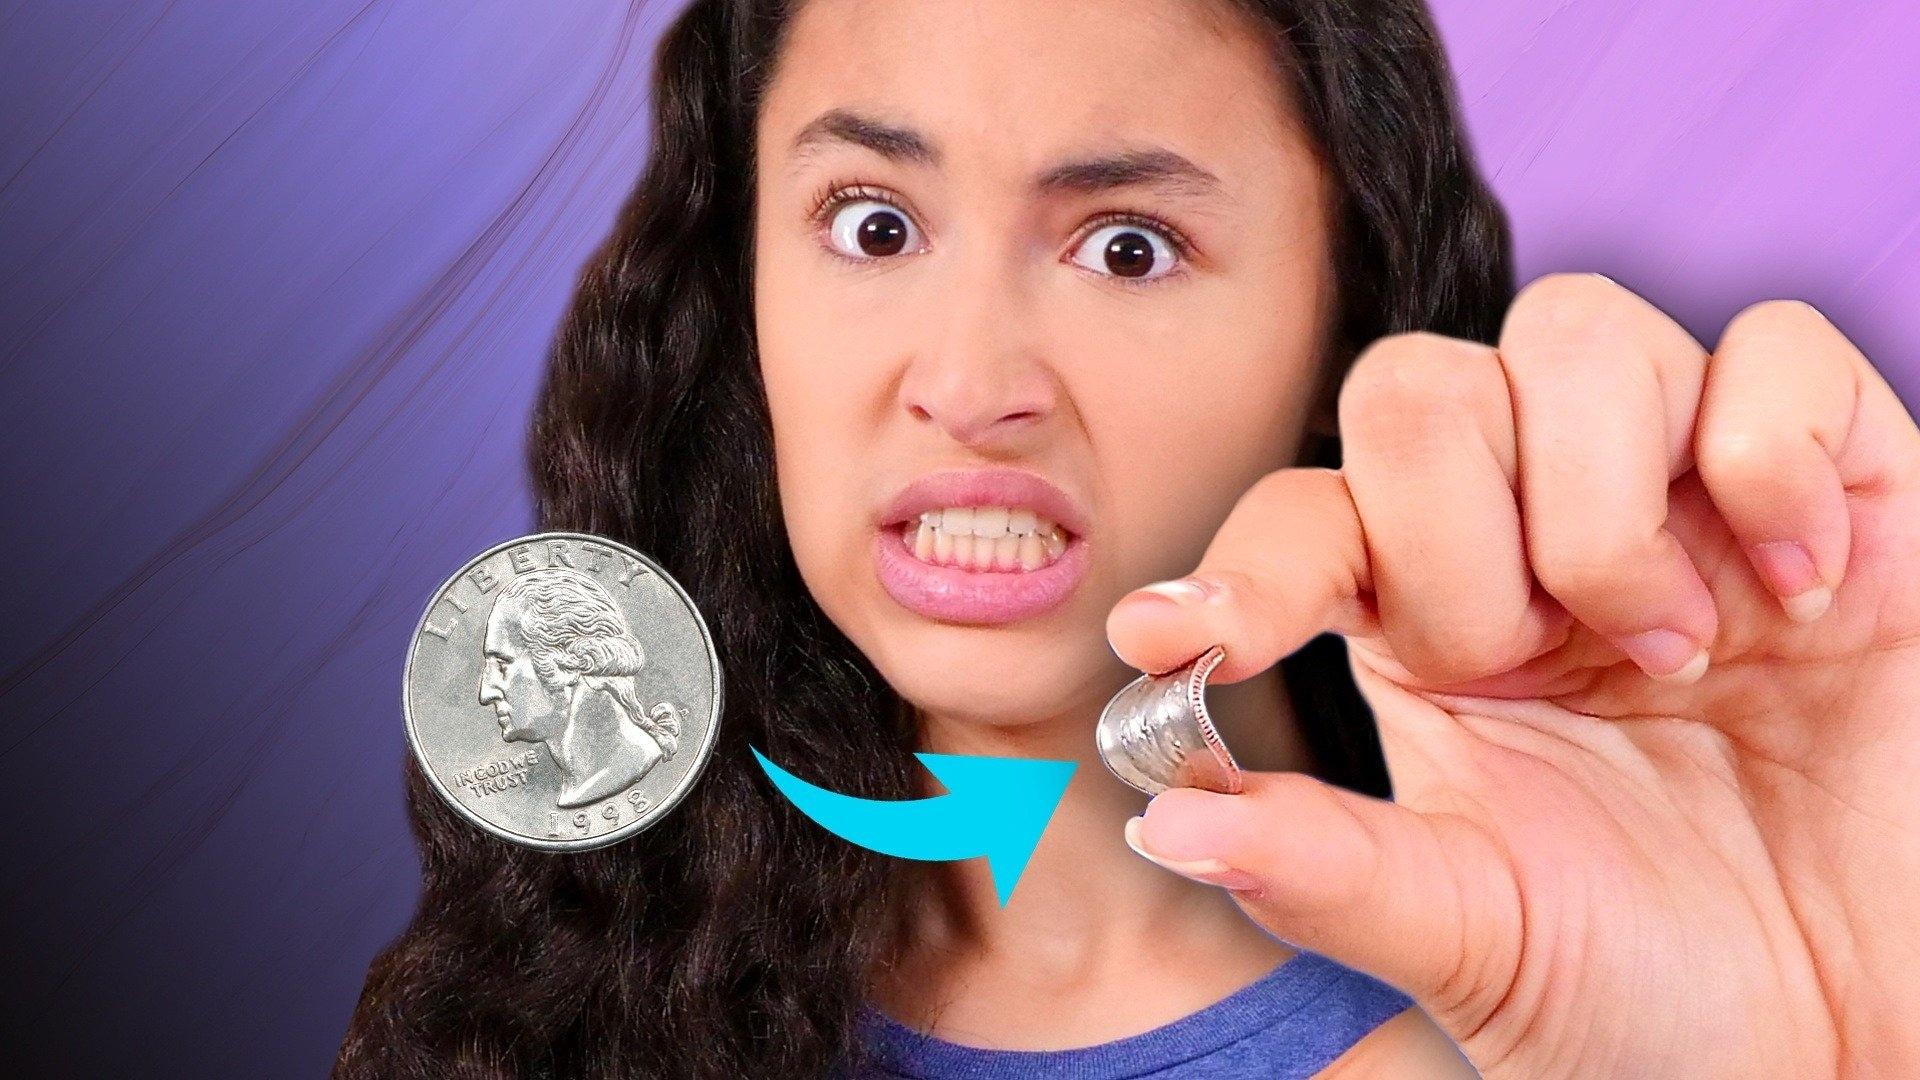 How to Bend a Quarter